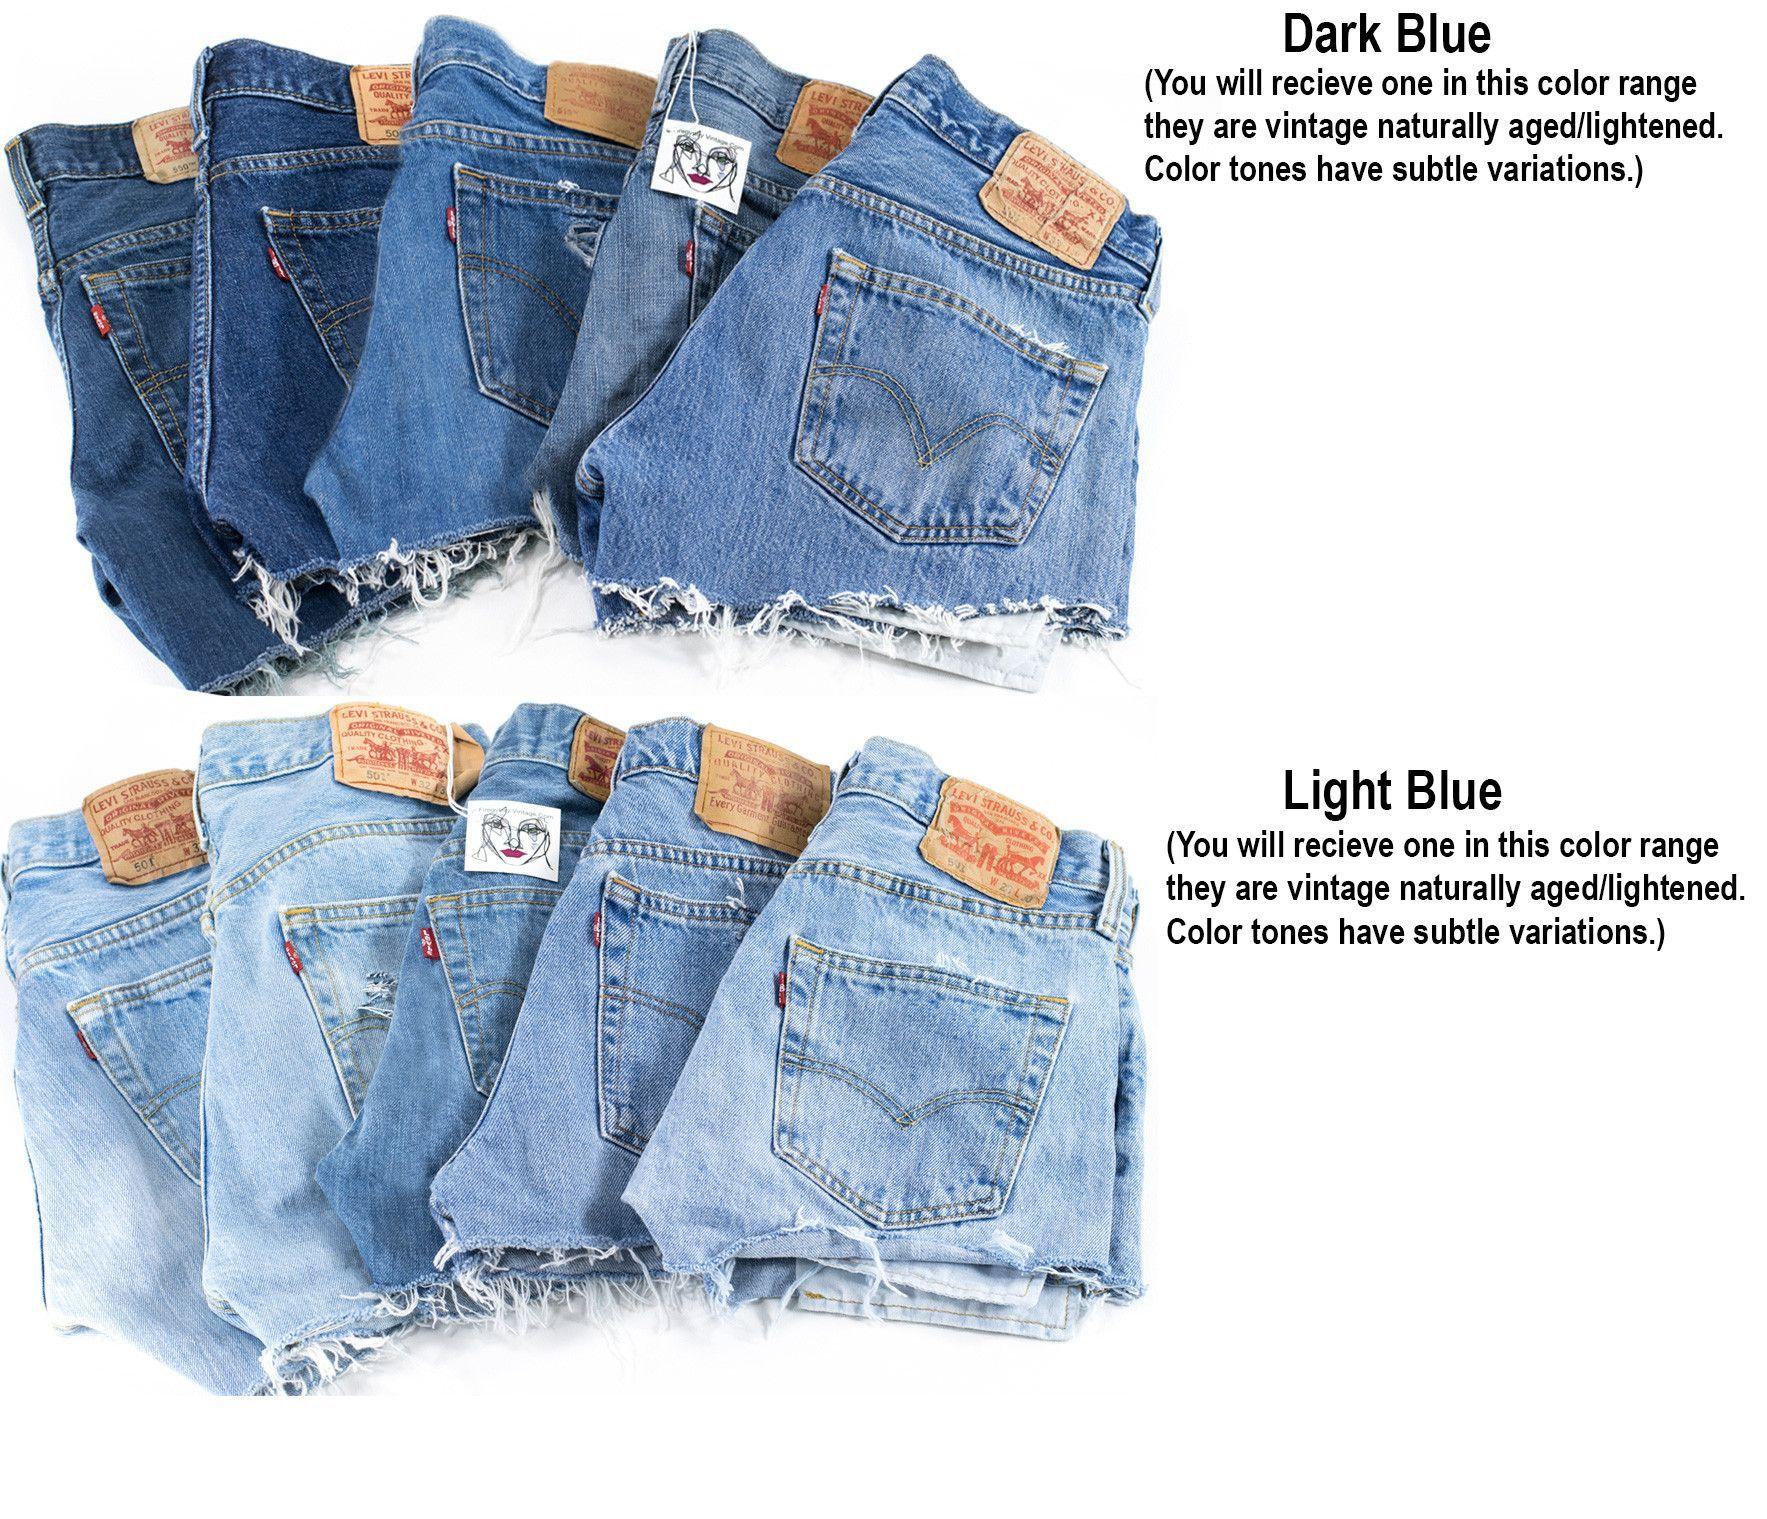 Levi Denim Cutoff Shorts Mid High Waist Custom Fit Jean In Cut Jeans Black Blue Tattered 1970s Distressed Highwaist